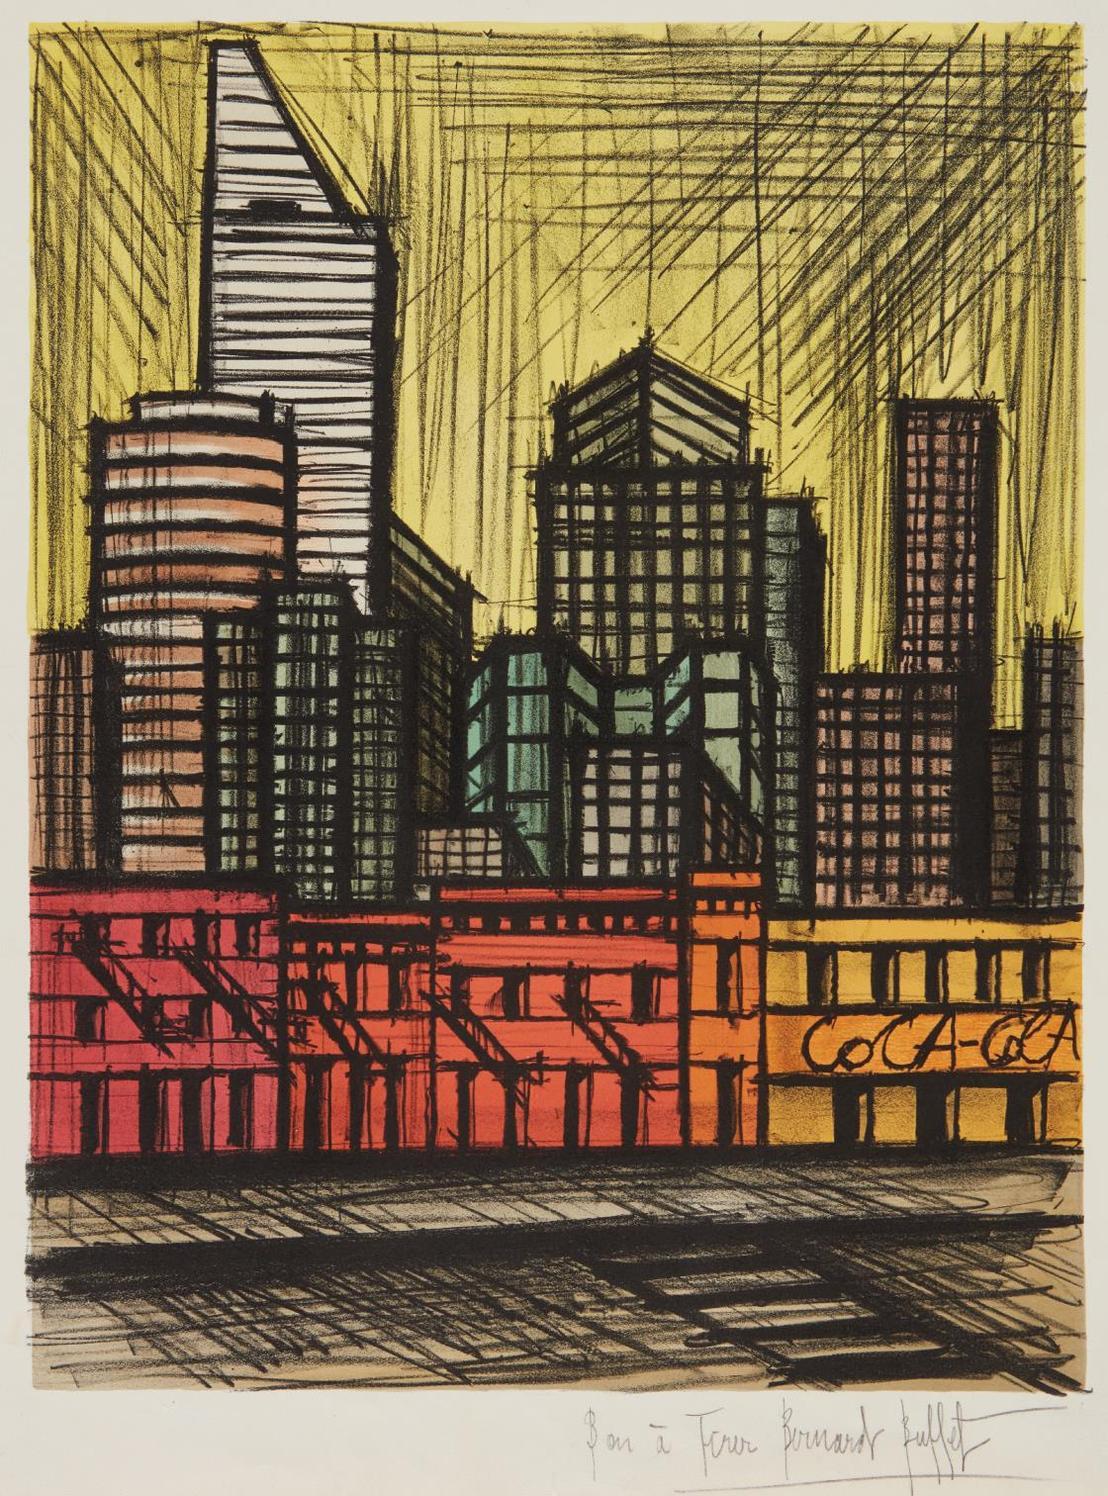 Bernard Buffet-New York, Coca-Cola-1986